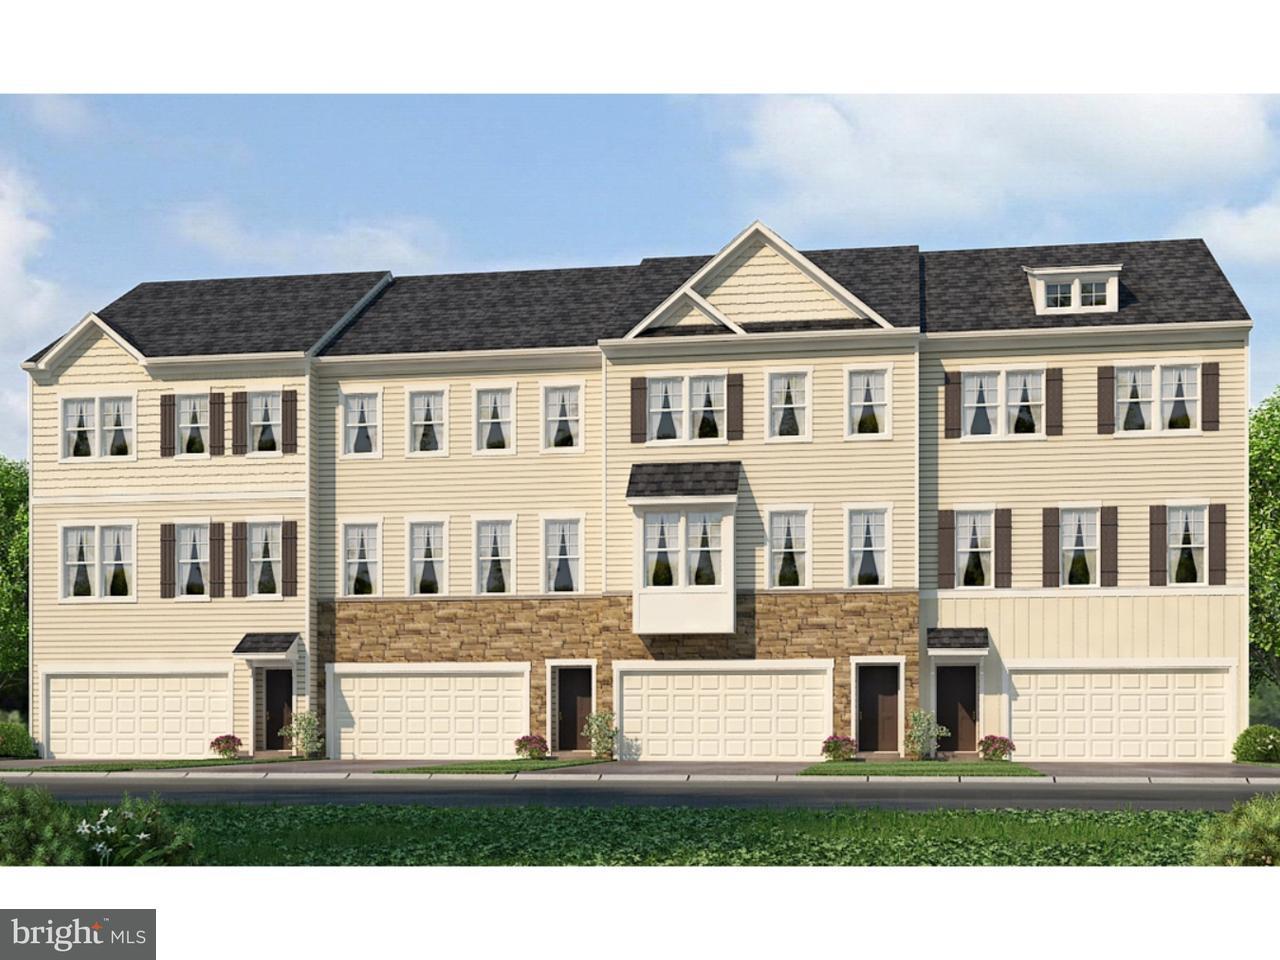 Radhus för Försäljning vid 22 SULLIVAN WAY Marlton, New Jersey 08053 Usa